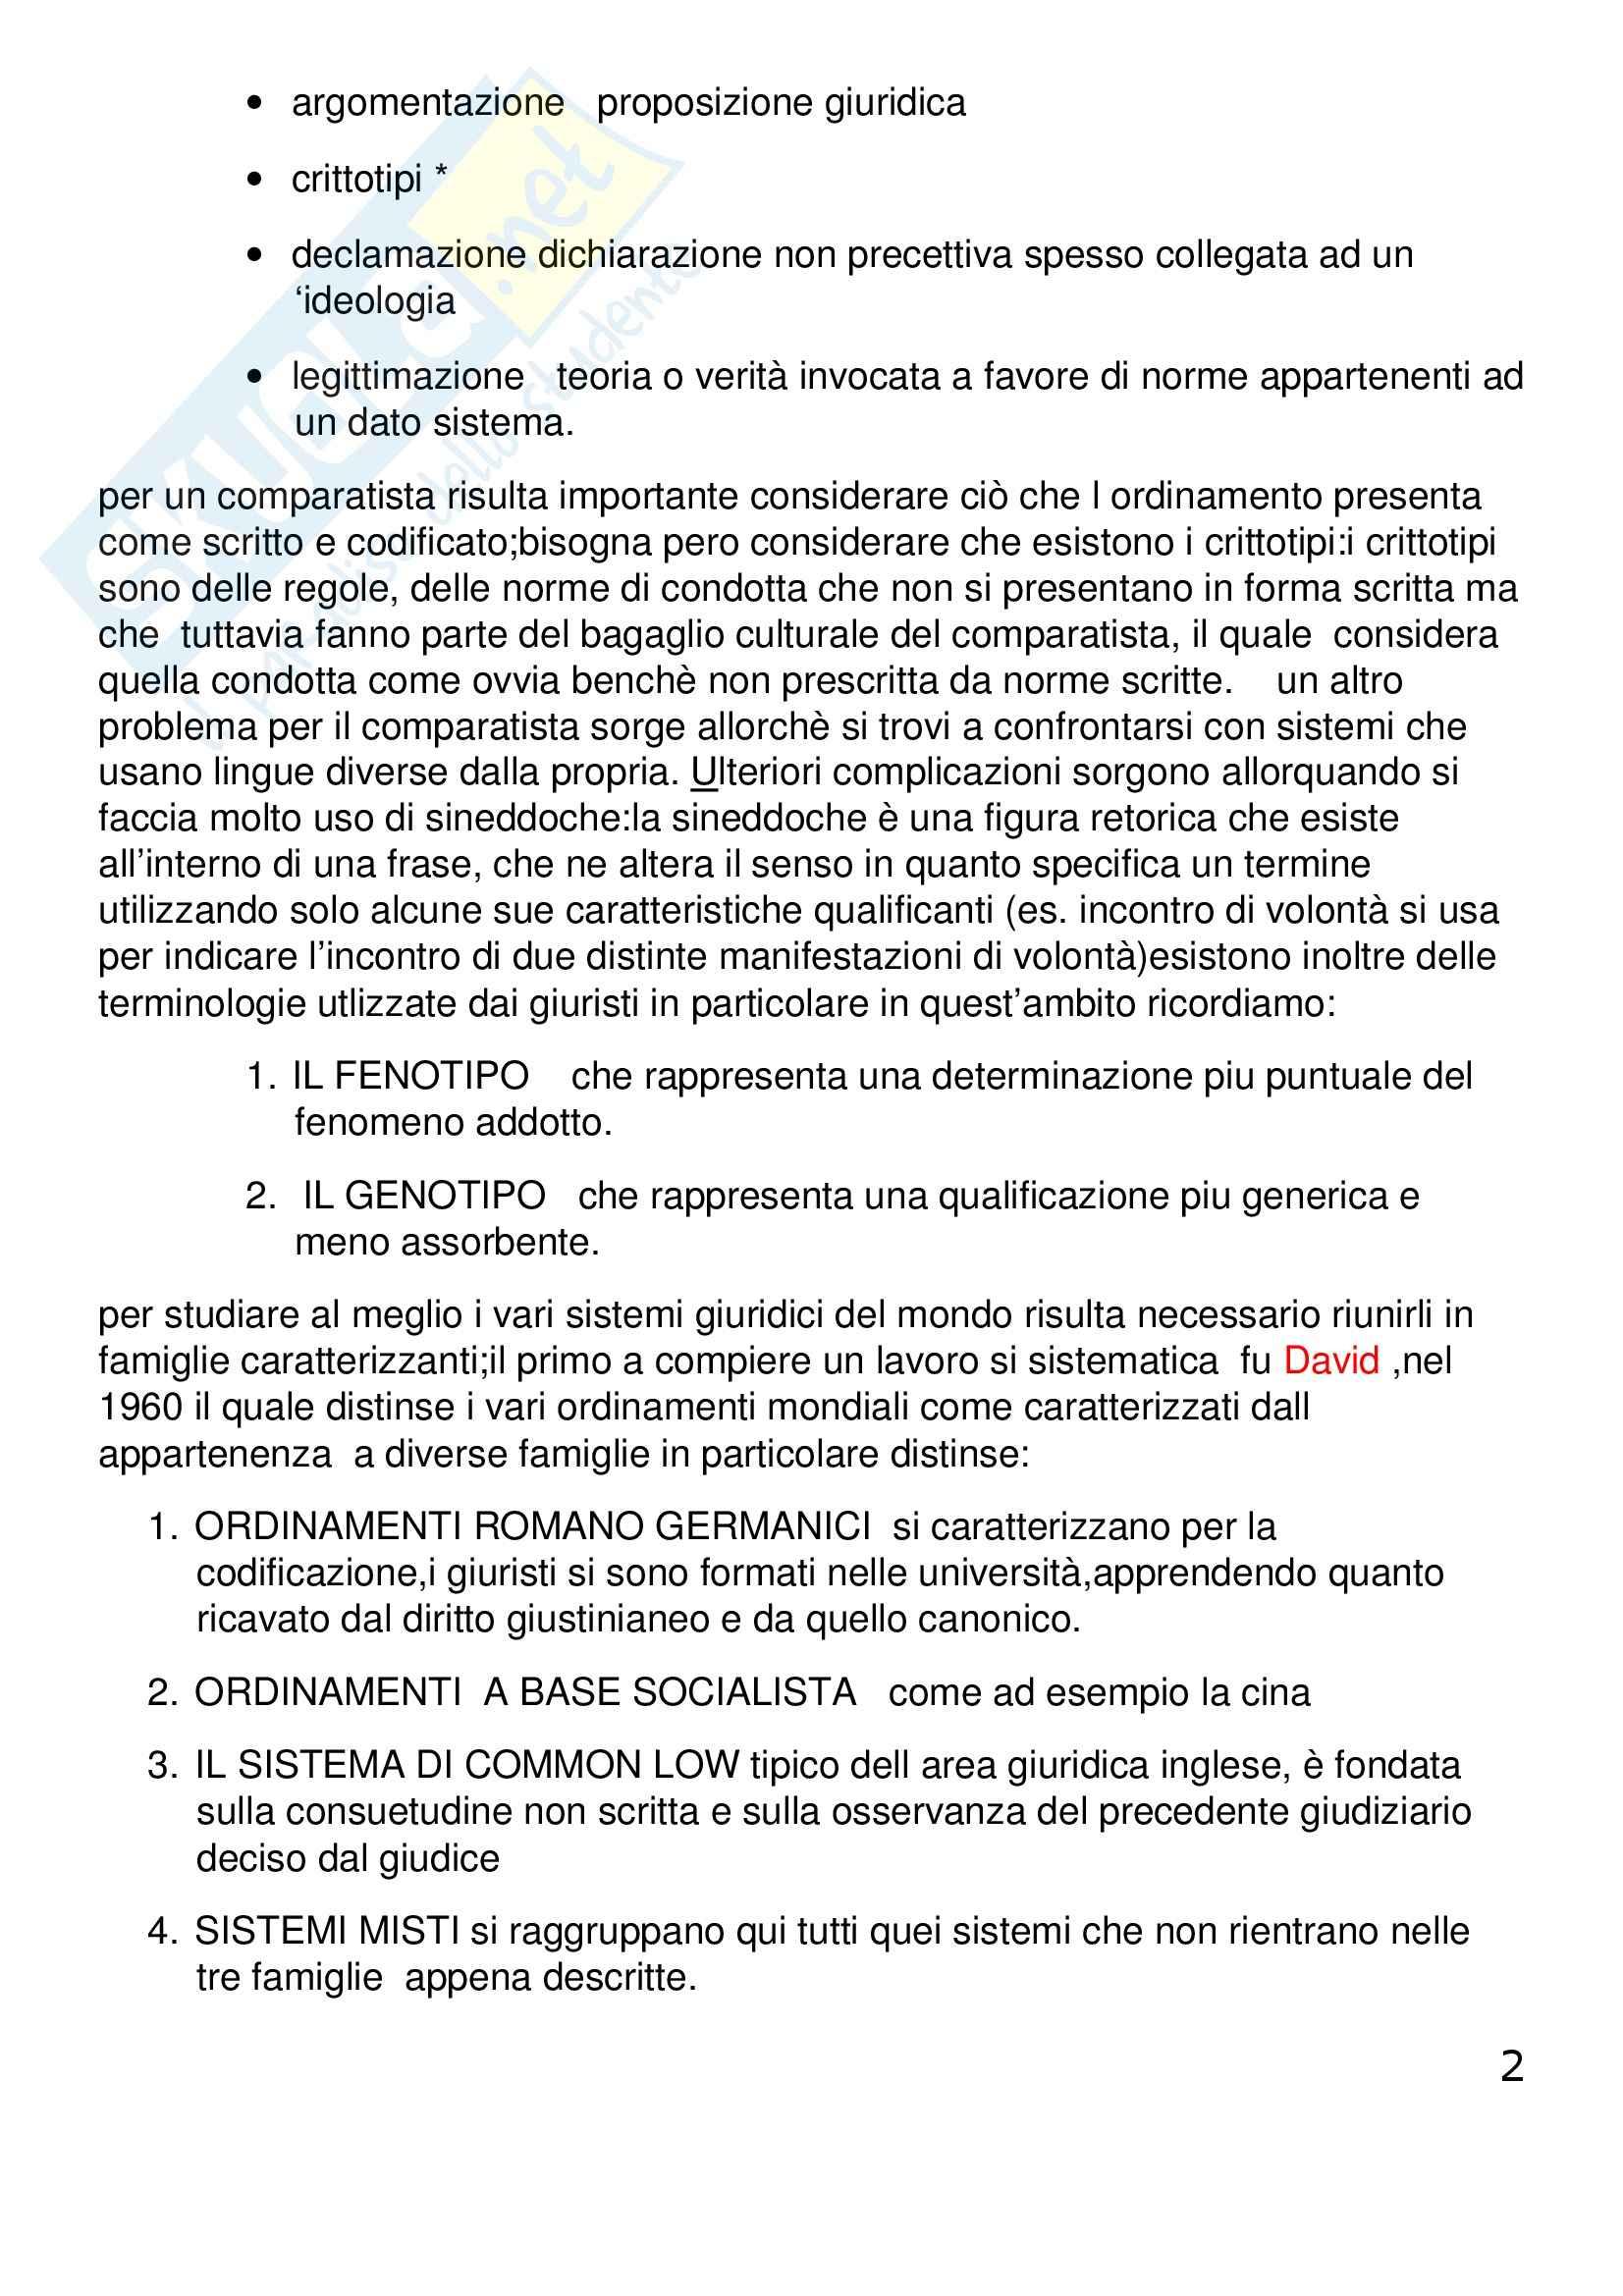 Riassunto esame Diritto Privato Comparato, prof. Corapi, libro consigliato Sistemi Giuridici Comparati, Gambaro, Sacco Pag. 2